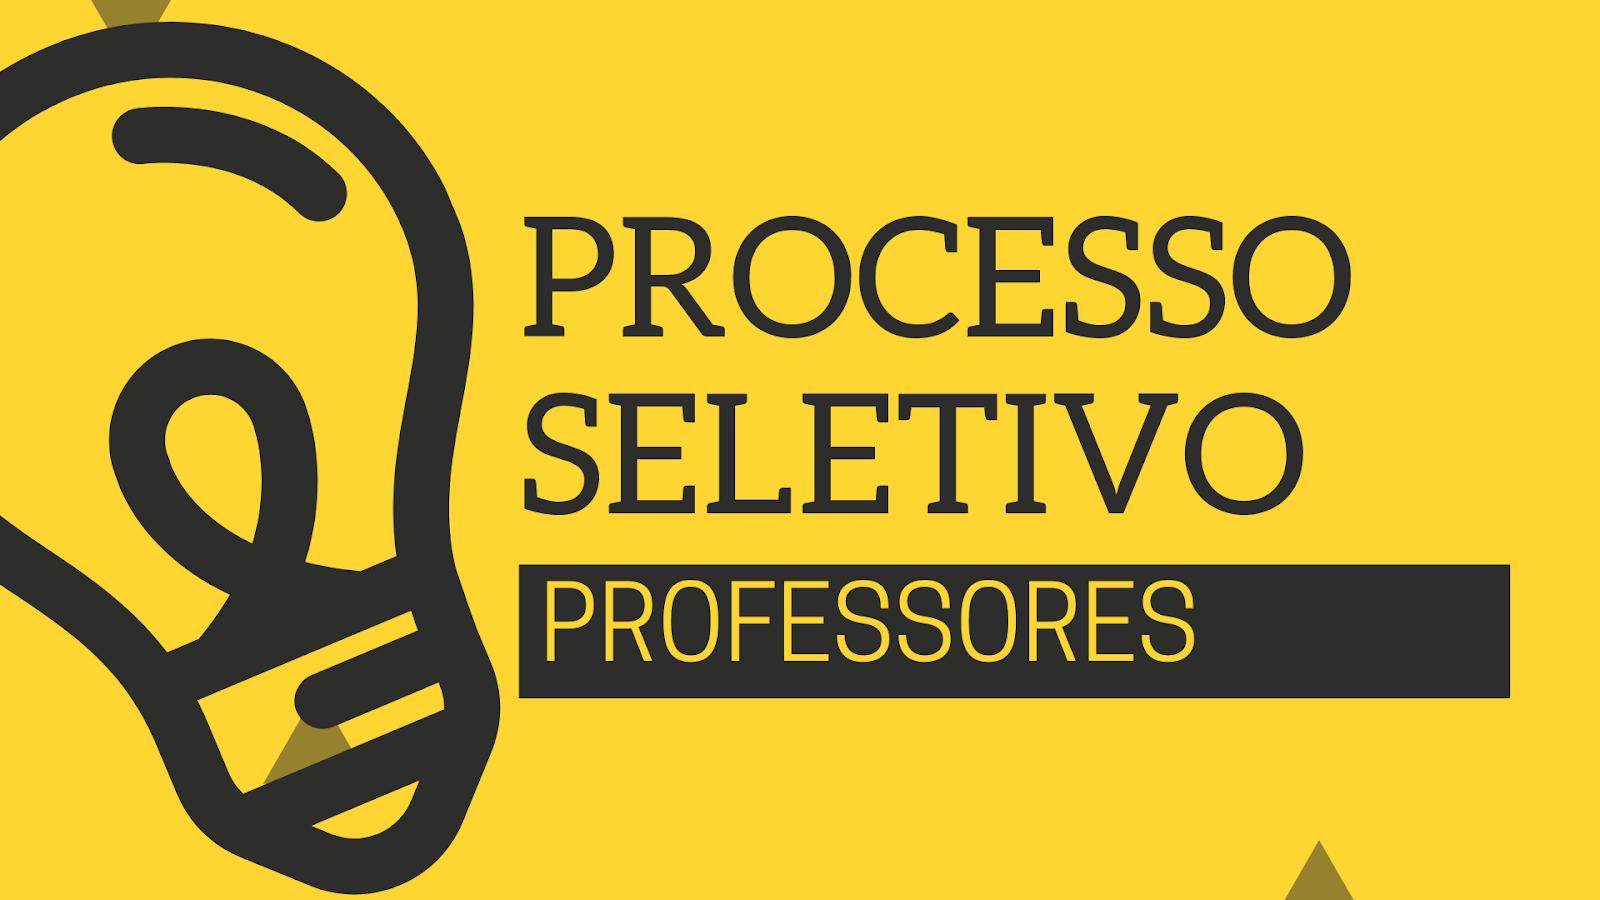 Processo seletivo para Professores em Rio Claro